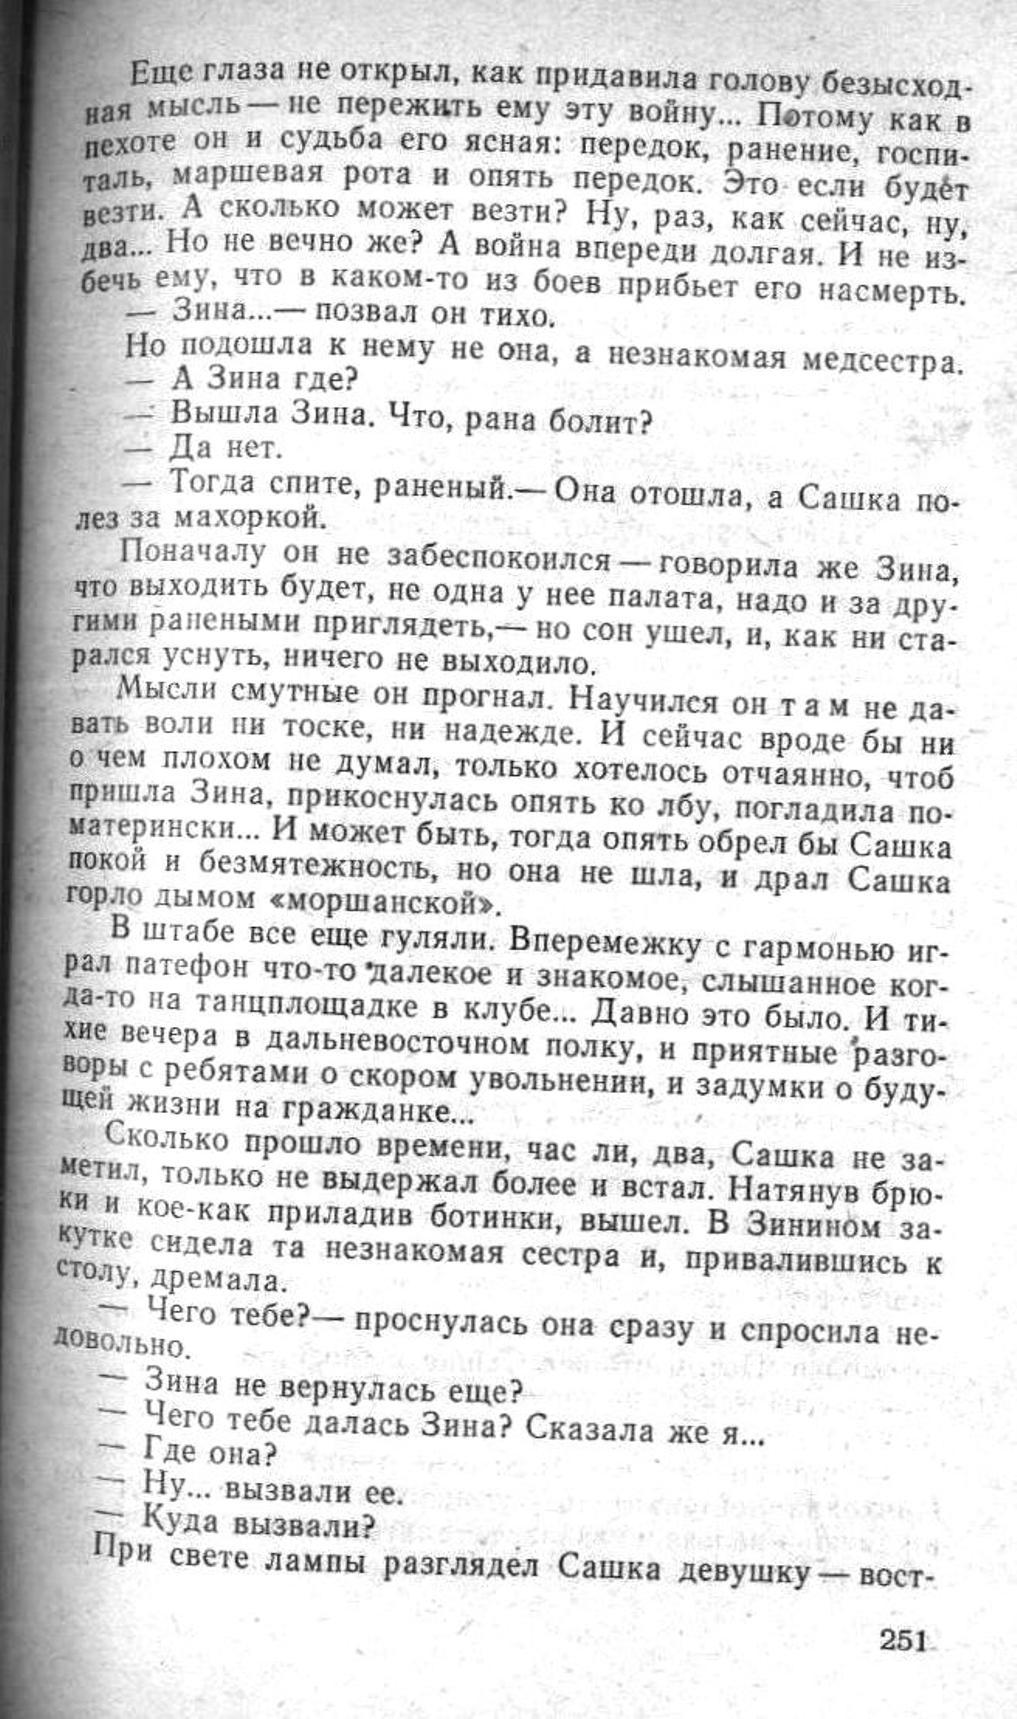 Сашка. Повесть. Вячеслав Кондратьев. 011. 002